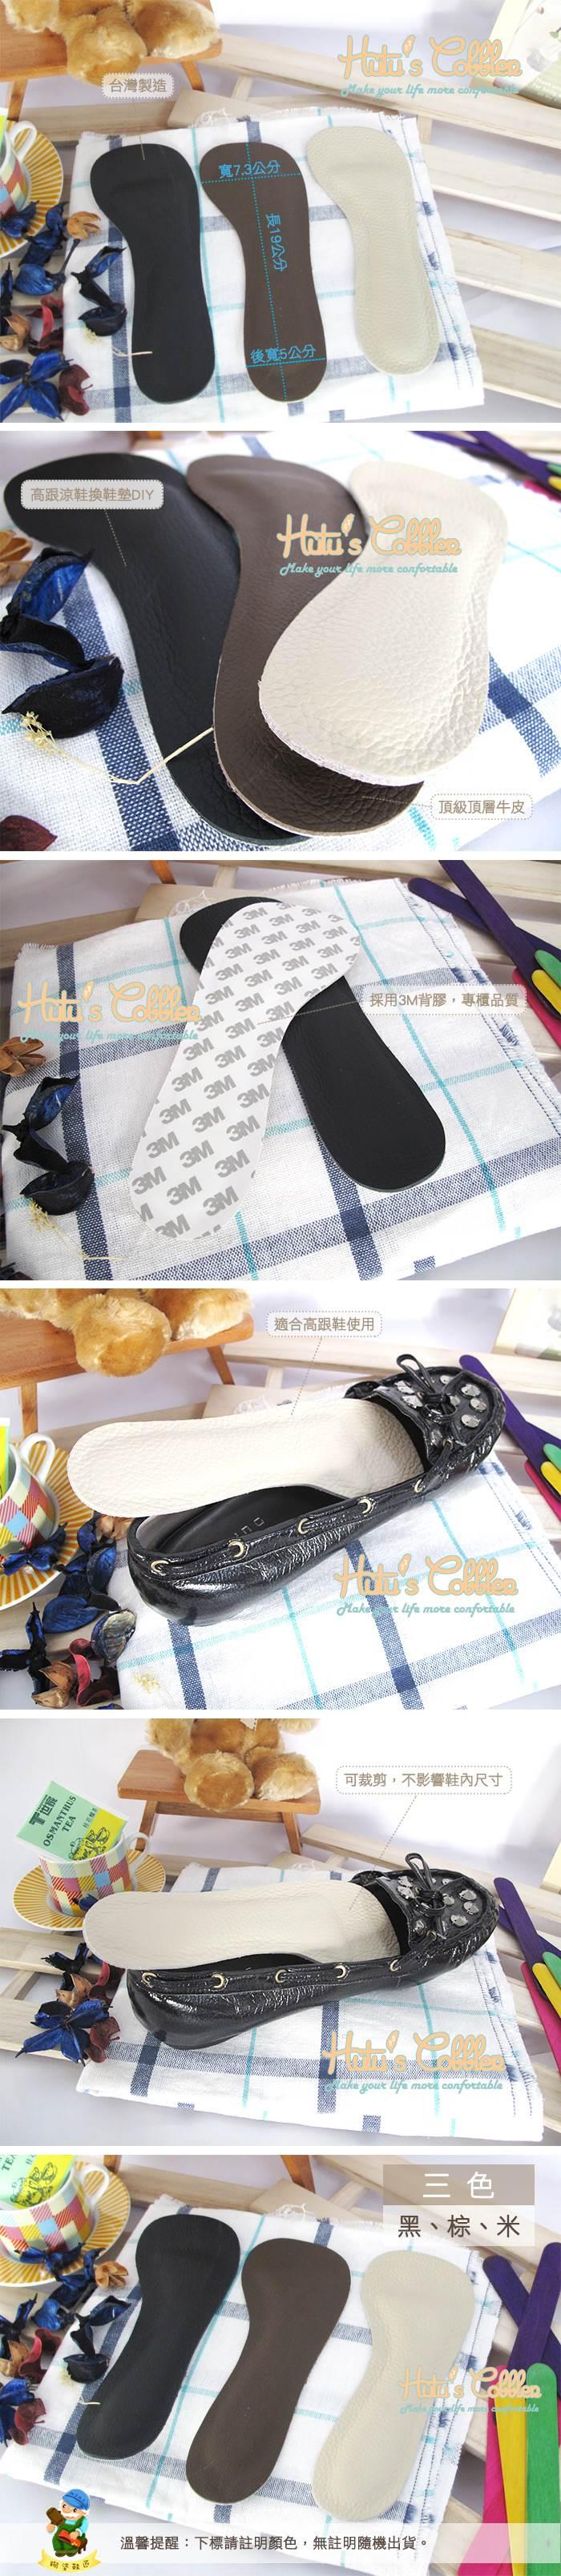 ○糊塗鞋匠○ 優質鞋材 C34 牛皮乳膠替換鞋墊 3M背膠 專櫃品質 涼鞋 高跟鞋 夏日必備 1